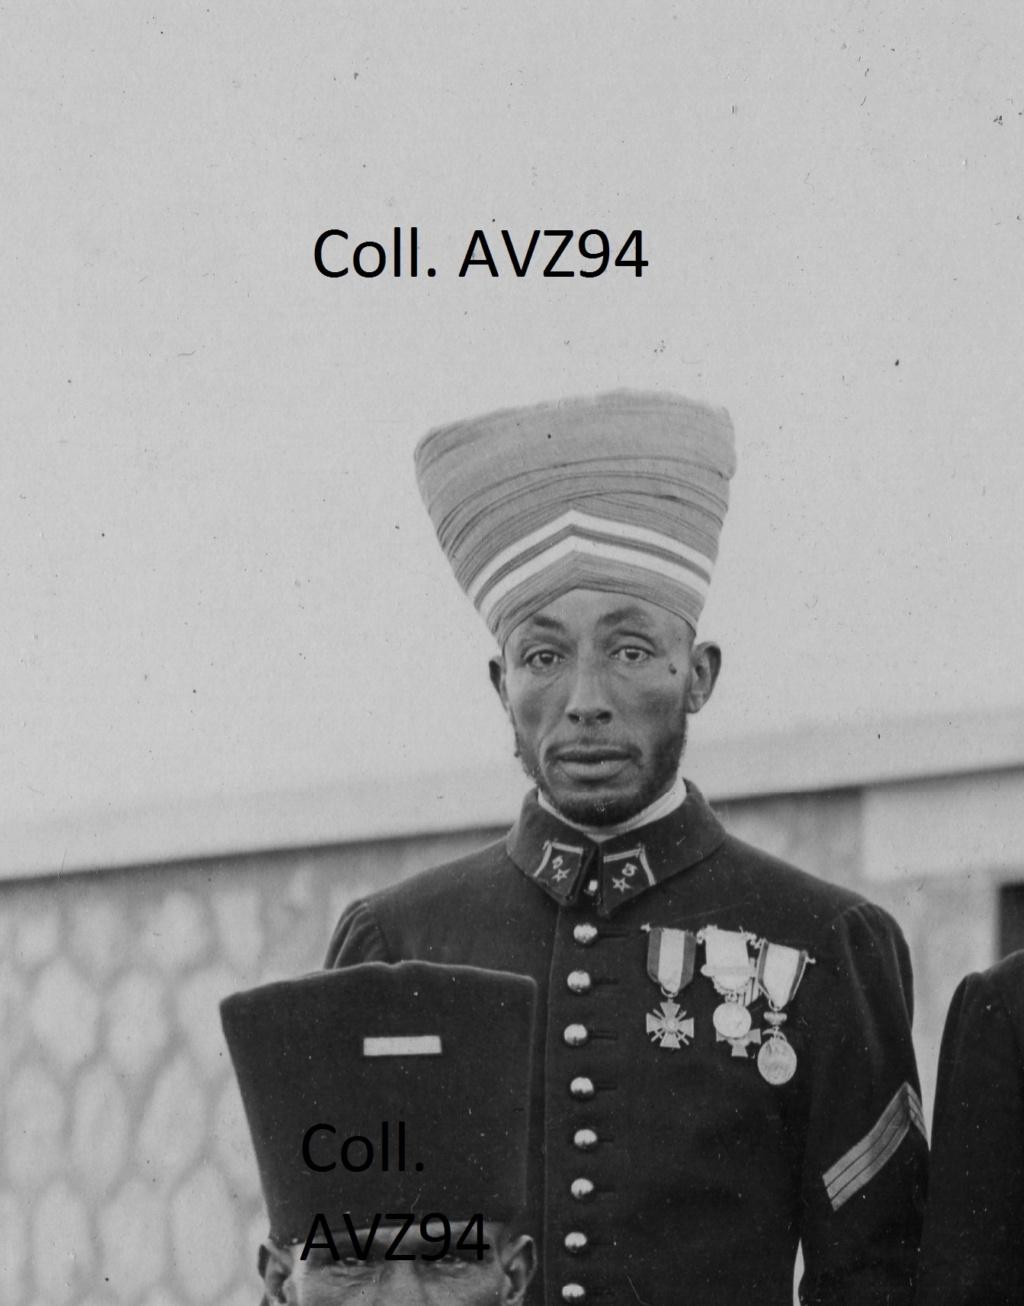 Les Spahis de 1935-40 au travers de l'iconographie - Page 4 2021-200